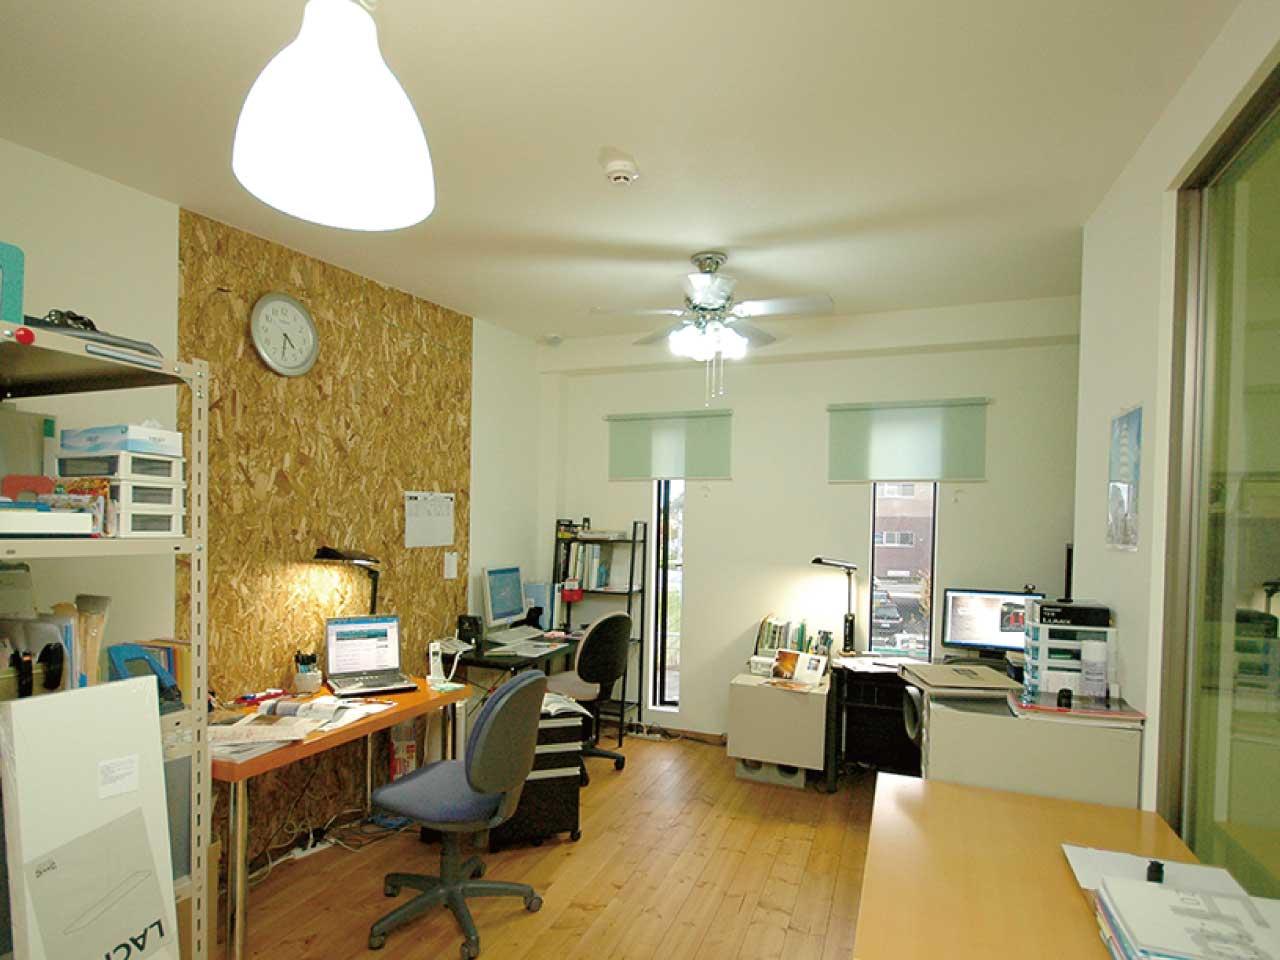 ライゼホビー(都市型賃貸ホビースペース)の土地活用の事例。オフィスや作業場としてのご利用が多いです。